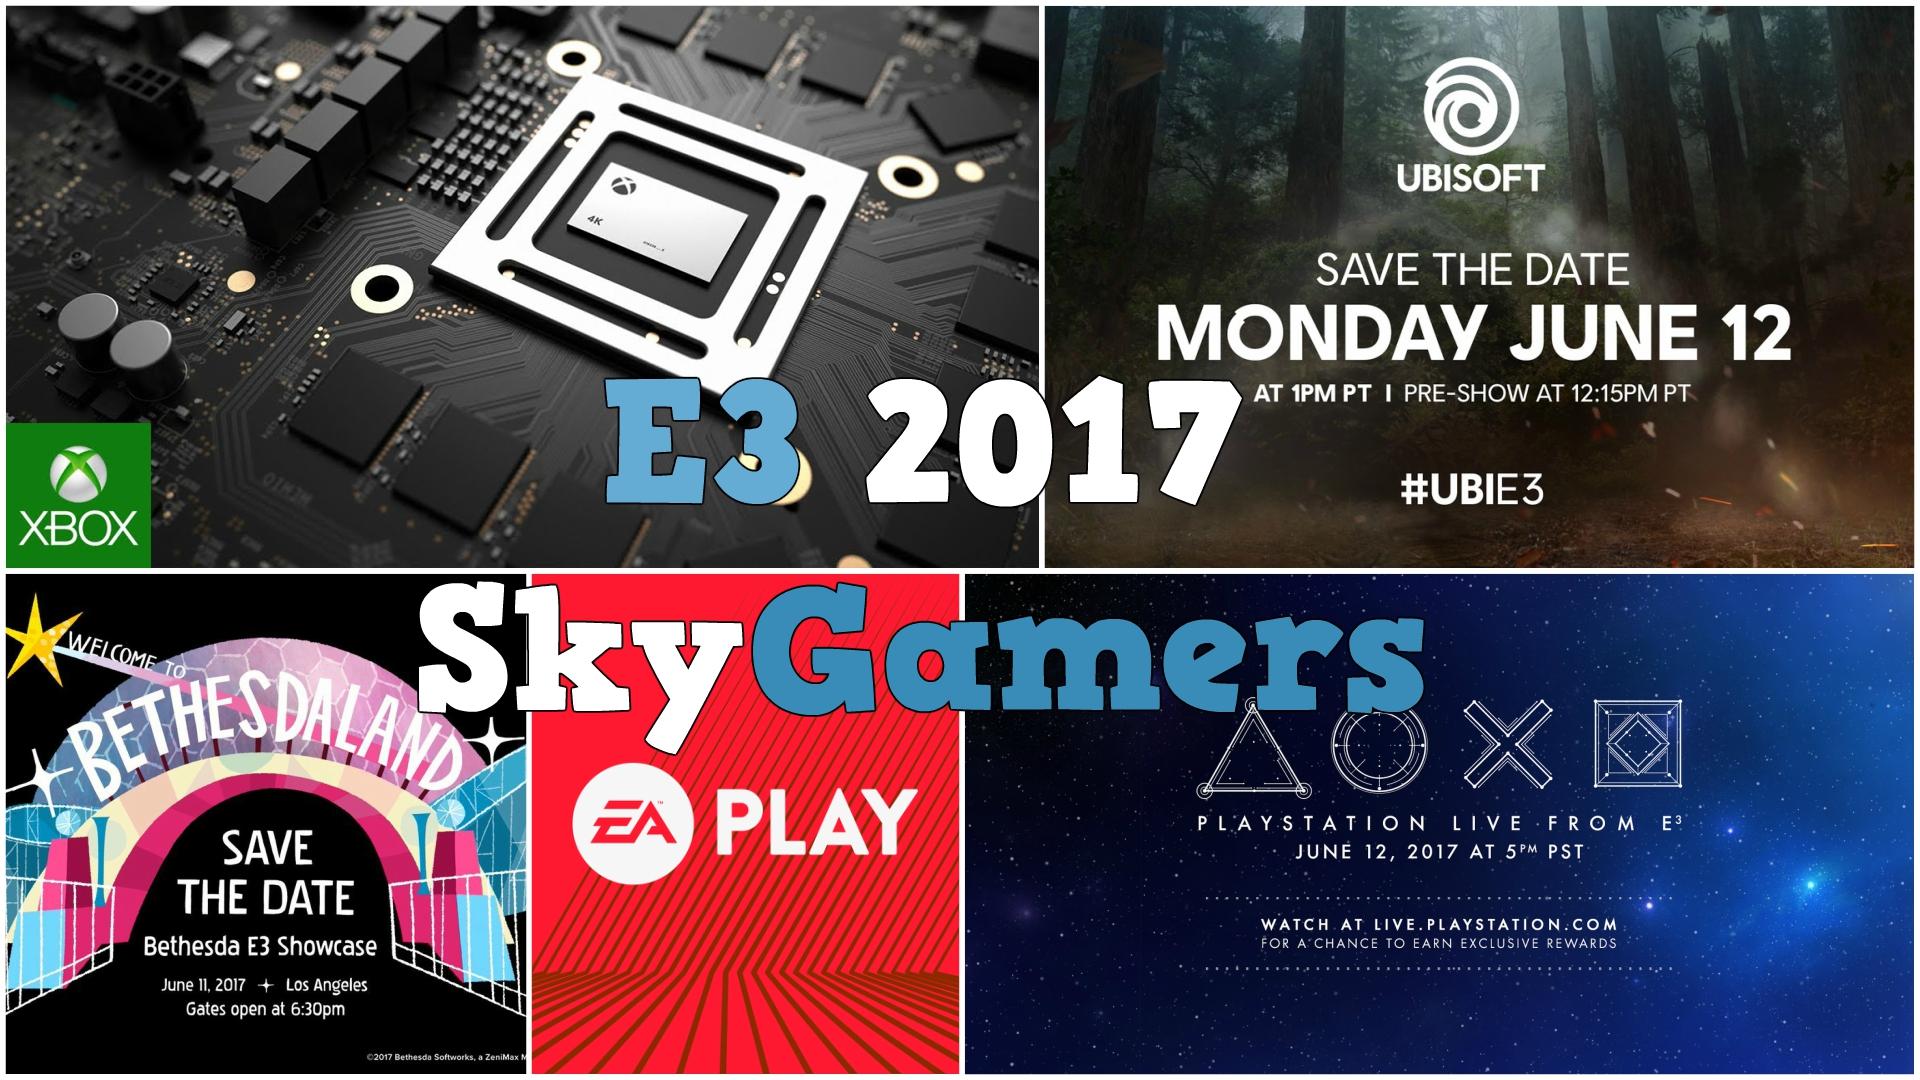 E3 2017 Streams